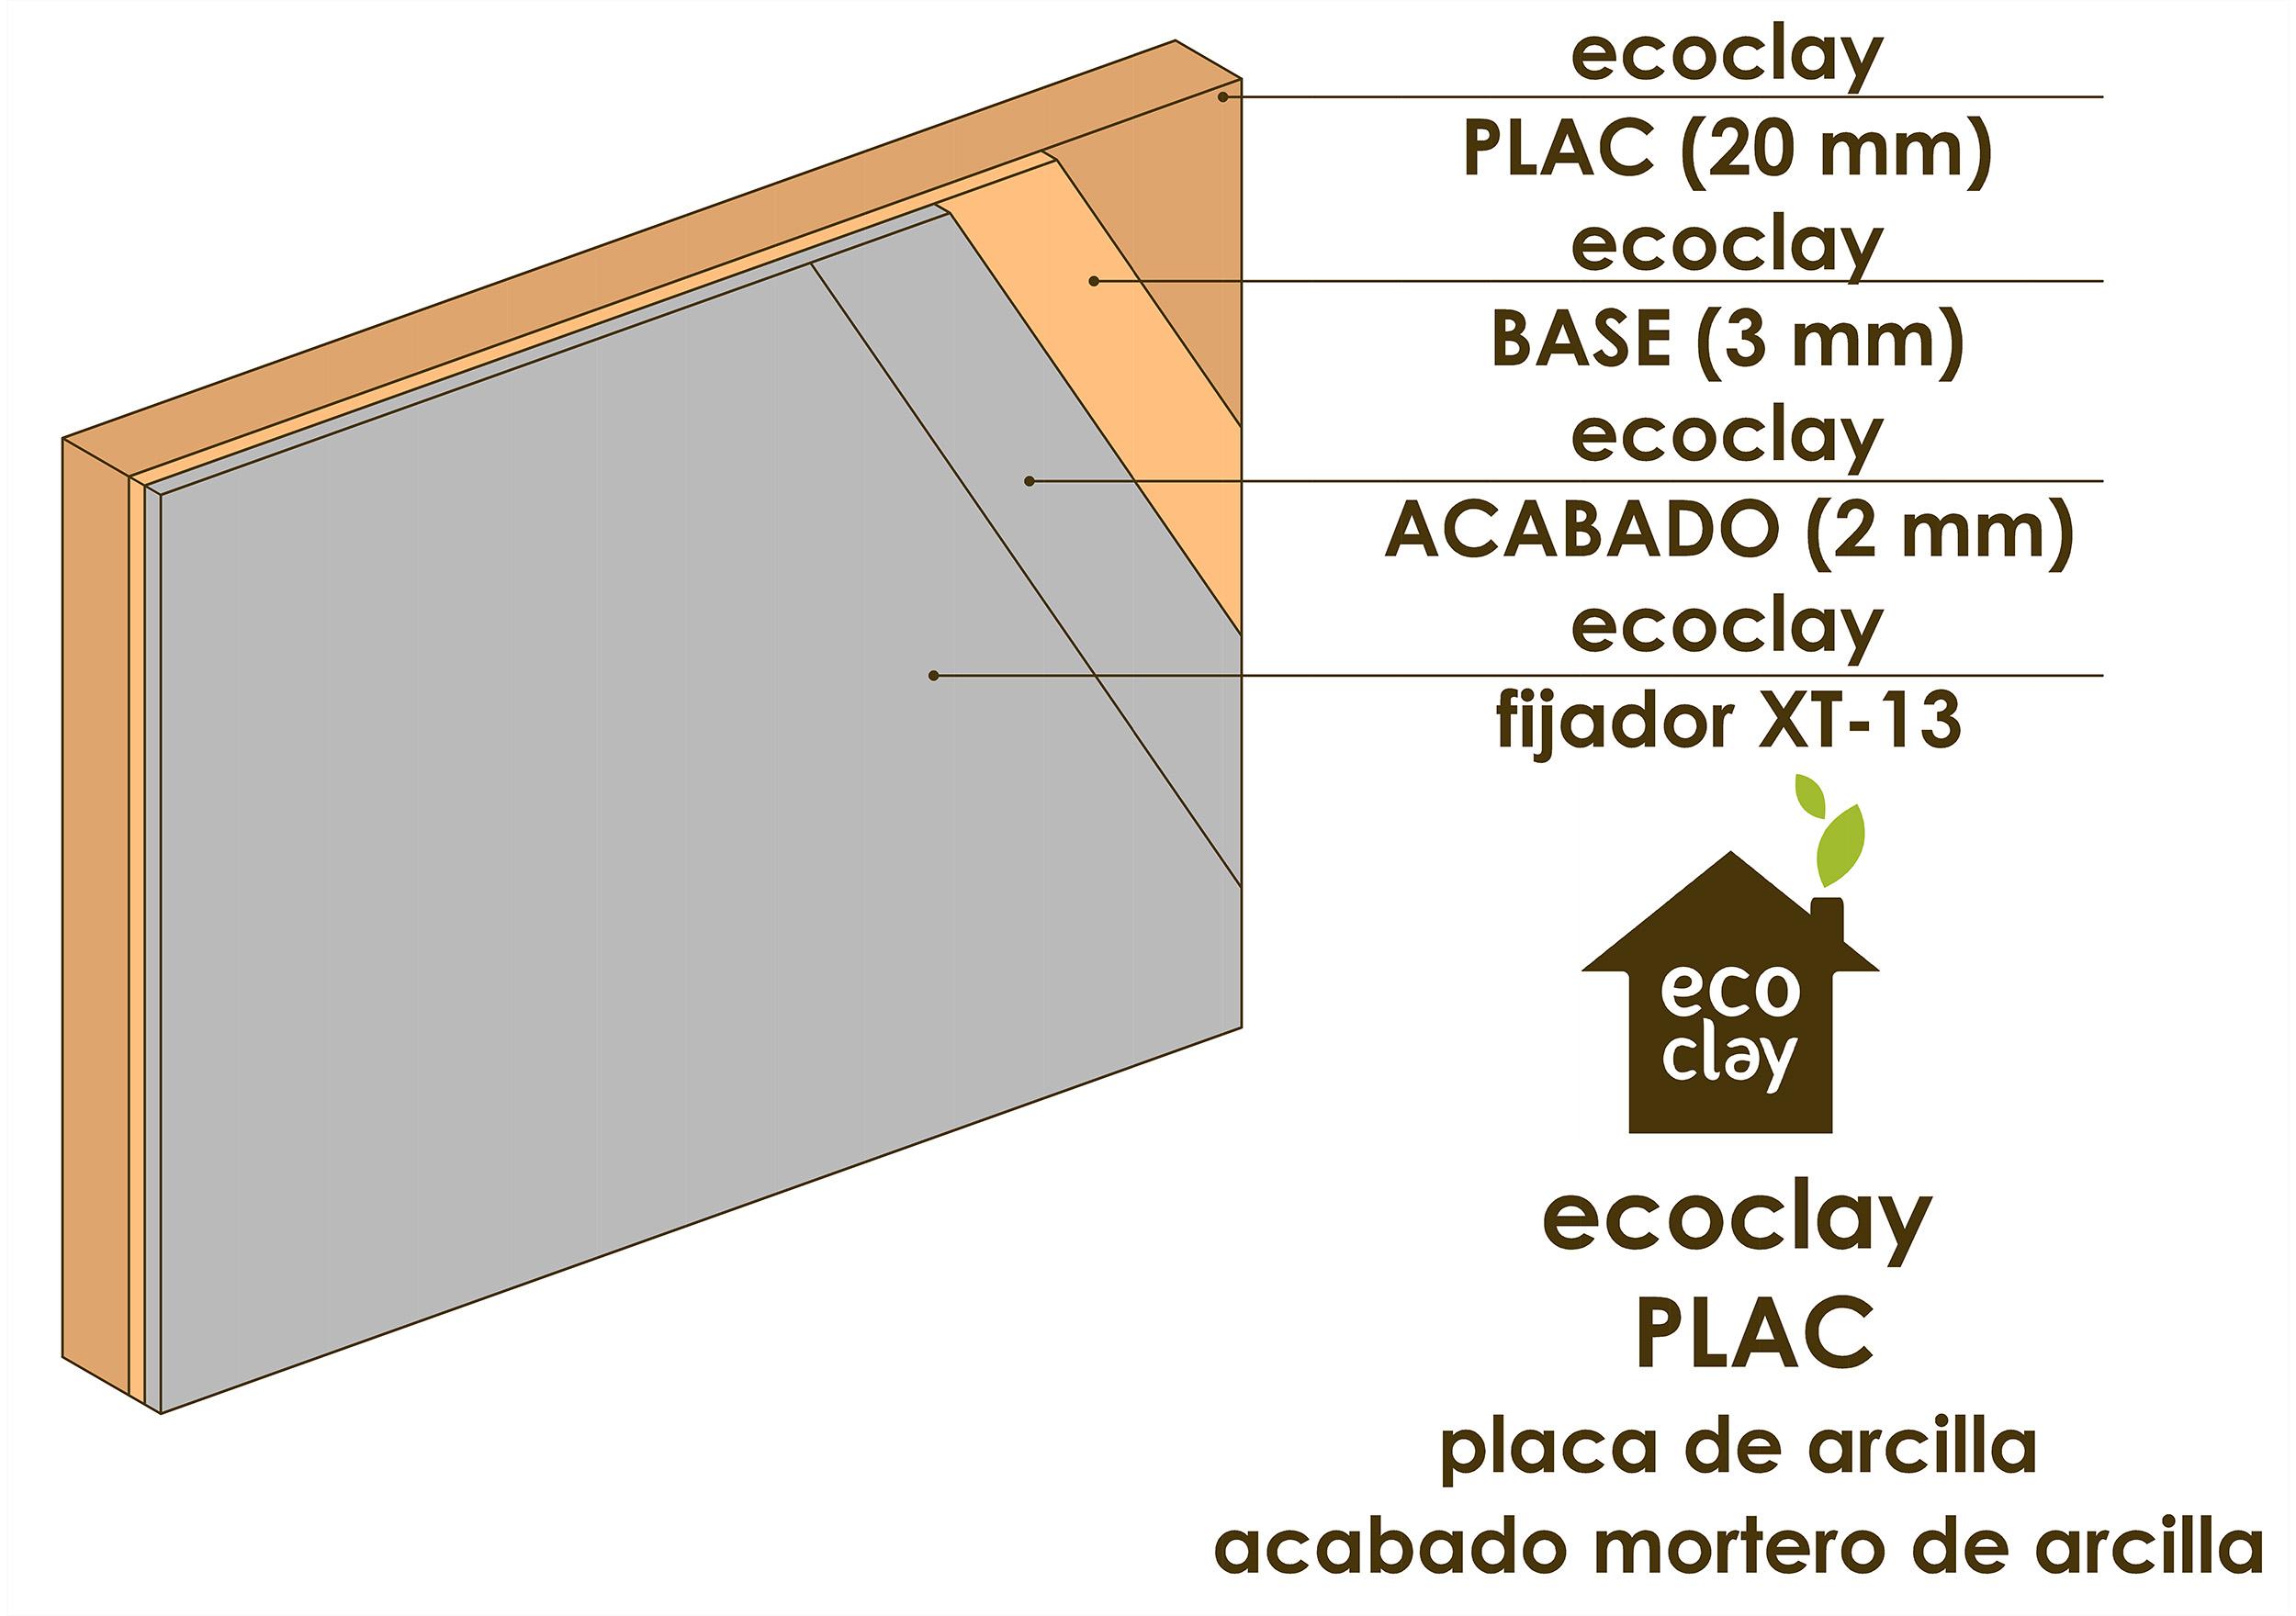 ecoclayPLAC, acabado mortero de arcilla, ecoclay ACABADO